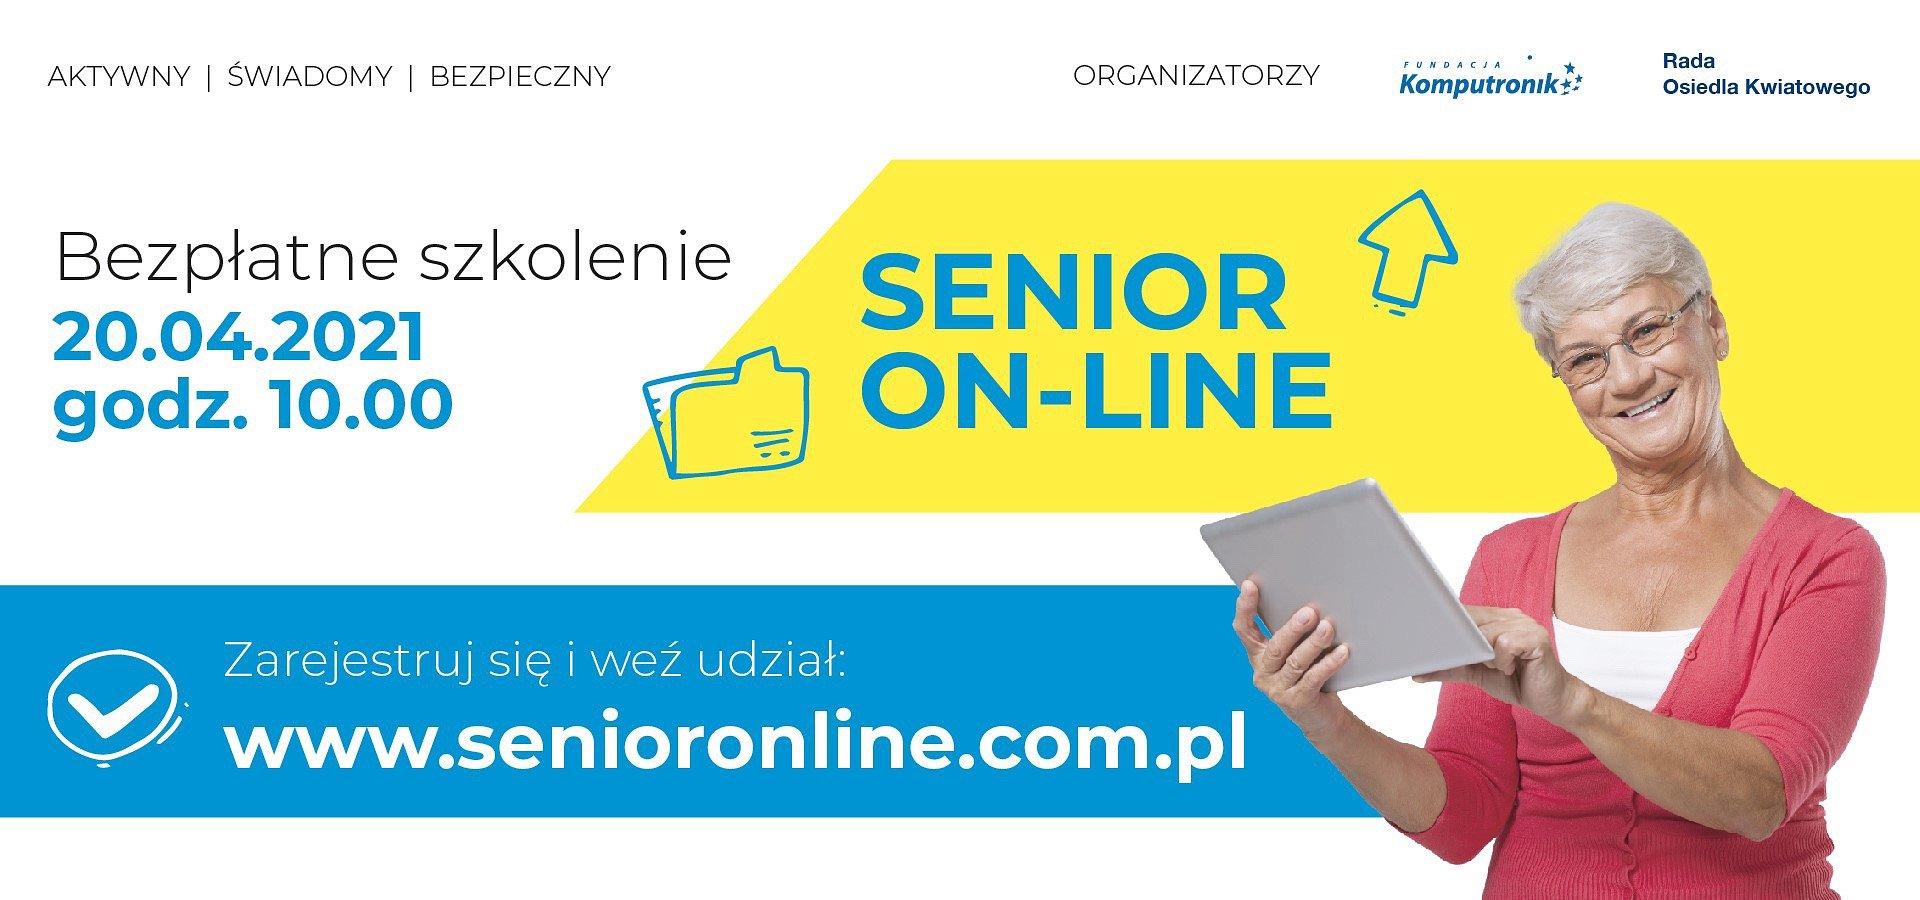 Aktywny, świadomy, bezpieczny. Bezpłatne szkolenie dla seniorów już 20 kwietnia!